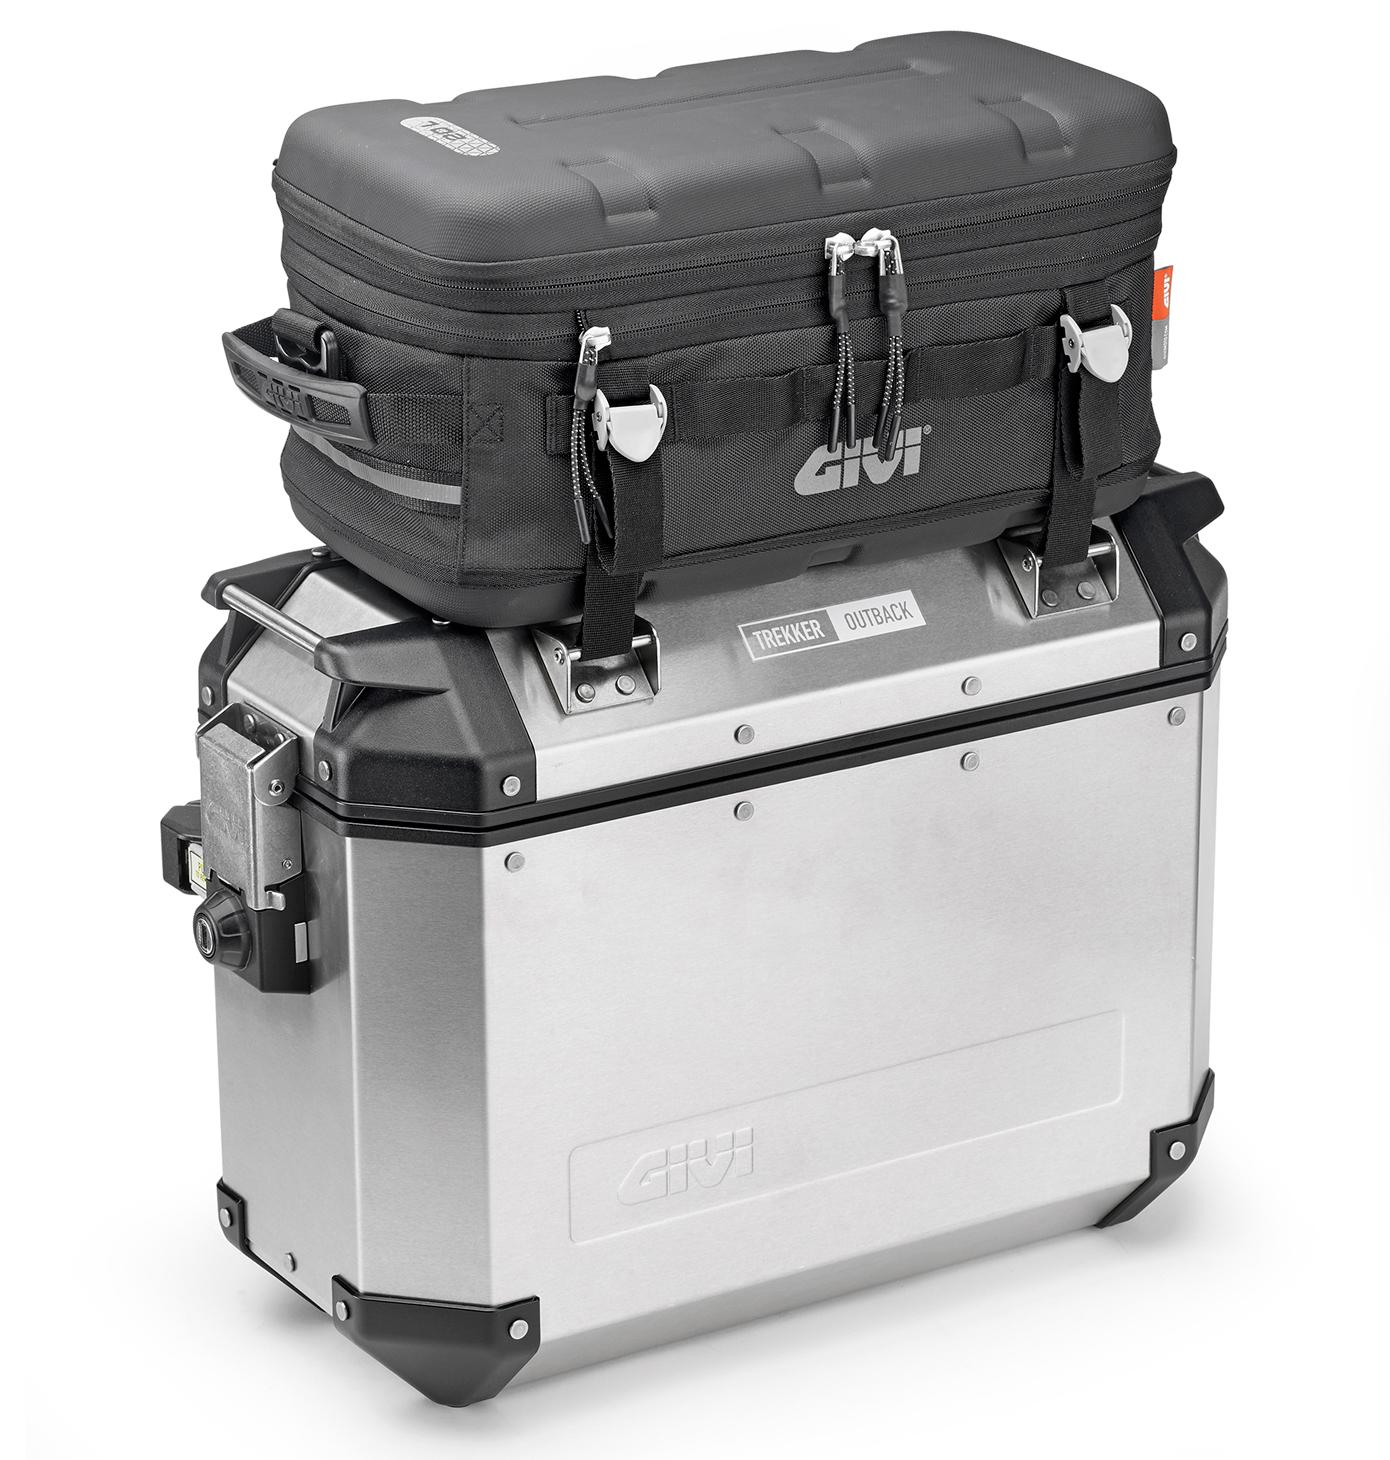 Supporto removibile specifico E148 in acciaio Inox completo di tanica TAN01 per valigie sulle valigie Trekker Outback OBK37AR OBK37AL OBK37BL OBK37BR OBK48AL OBK48AR OBK48BL OBK48BR GIVI